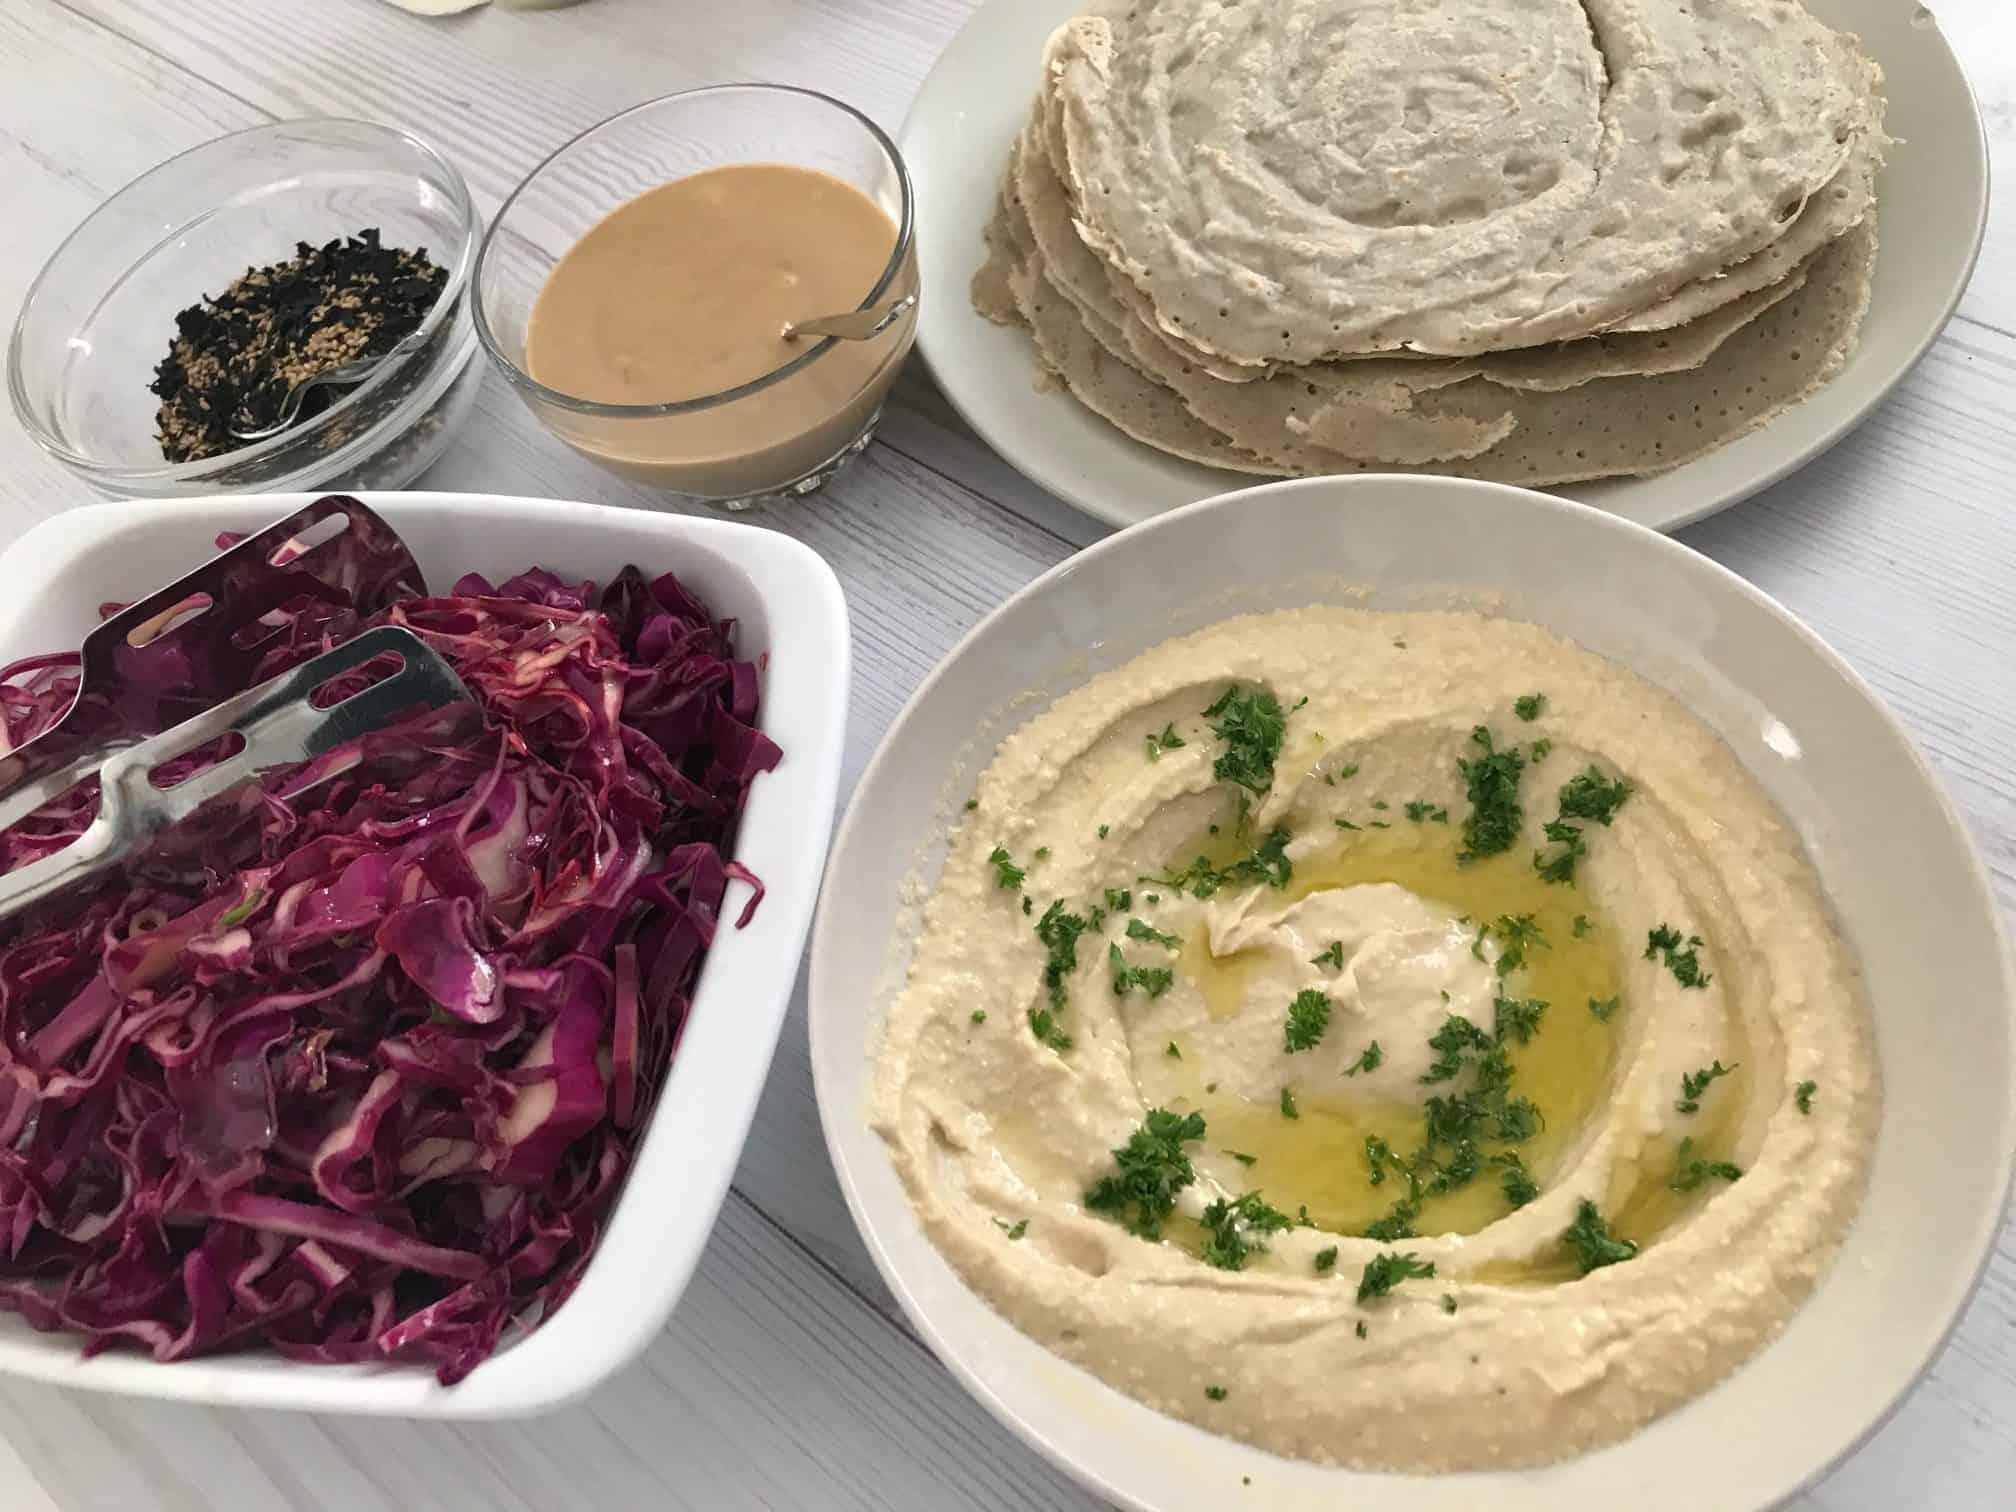 טורטיות כוסמת ללא גלוטן עם חומוס וממרחים